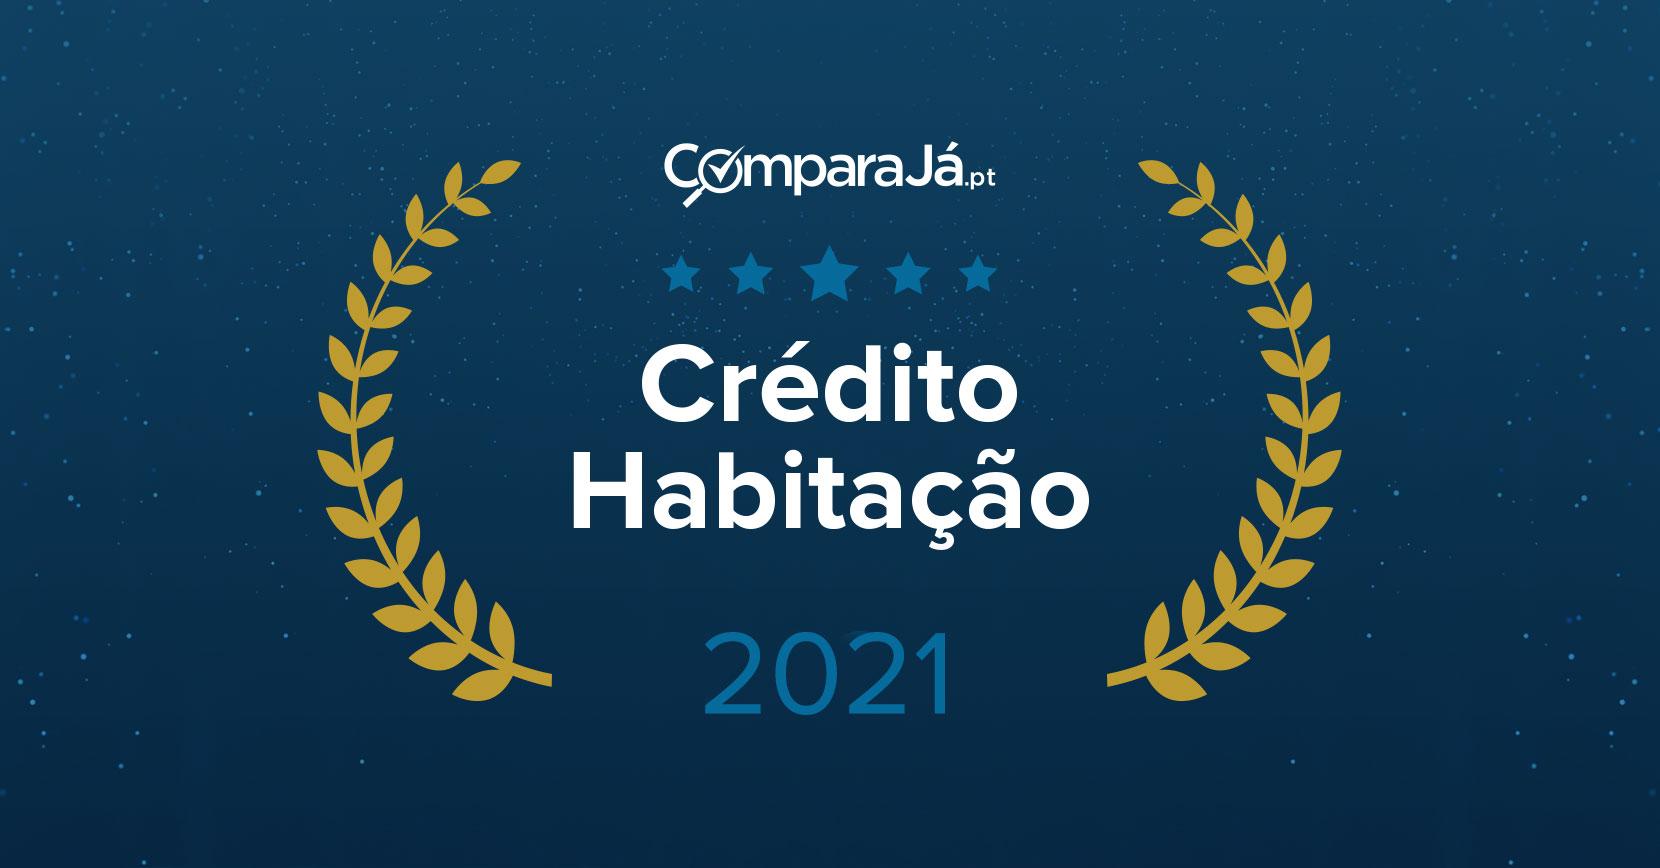 Barómetro do Crédito Habitação 2021